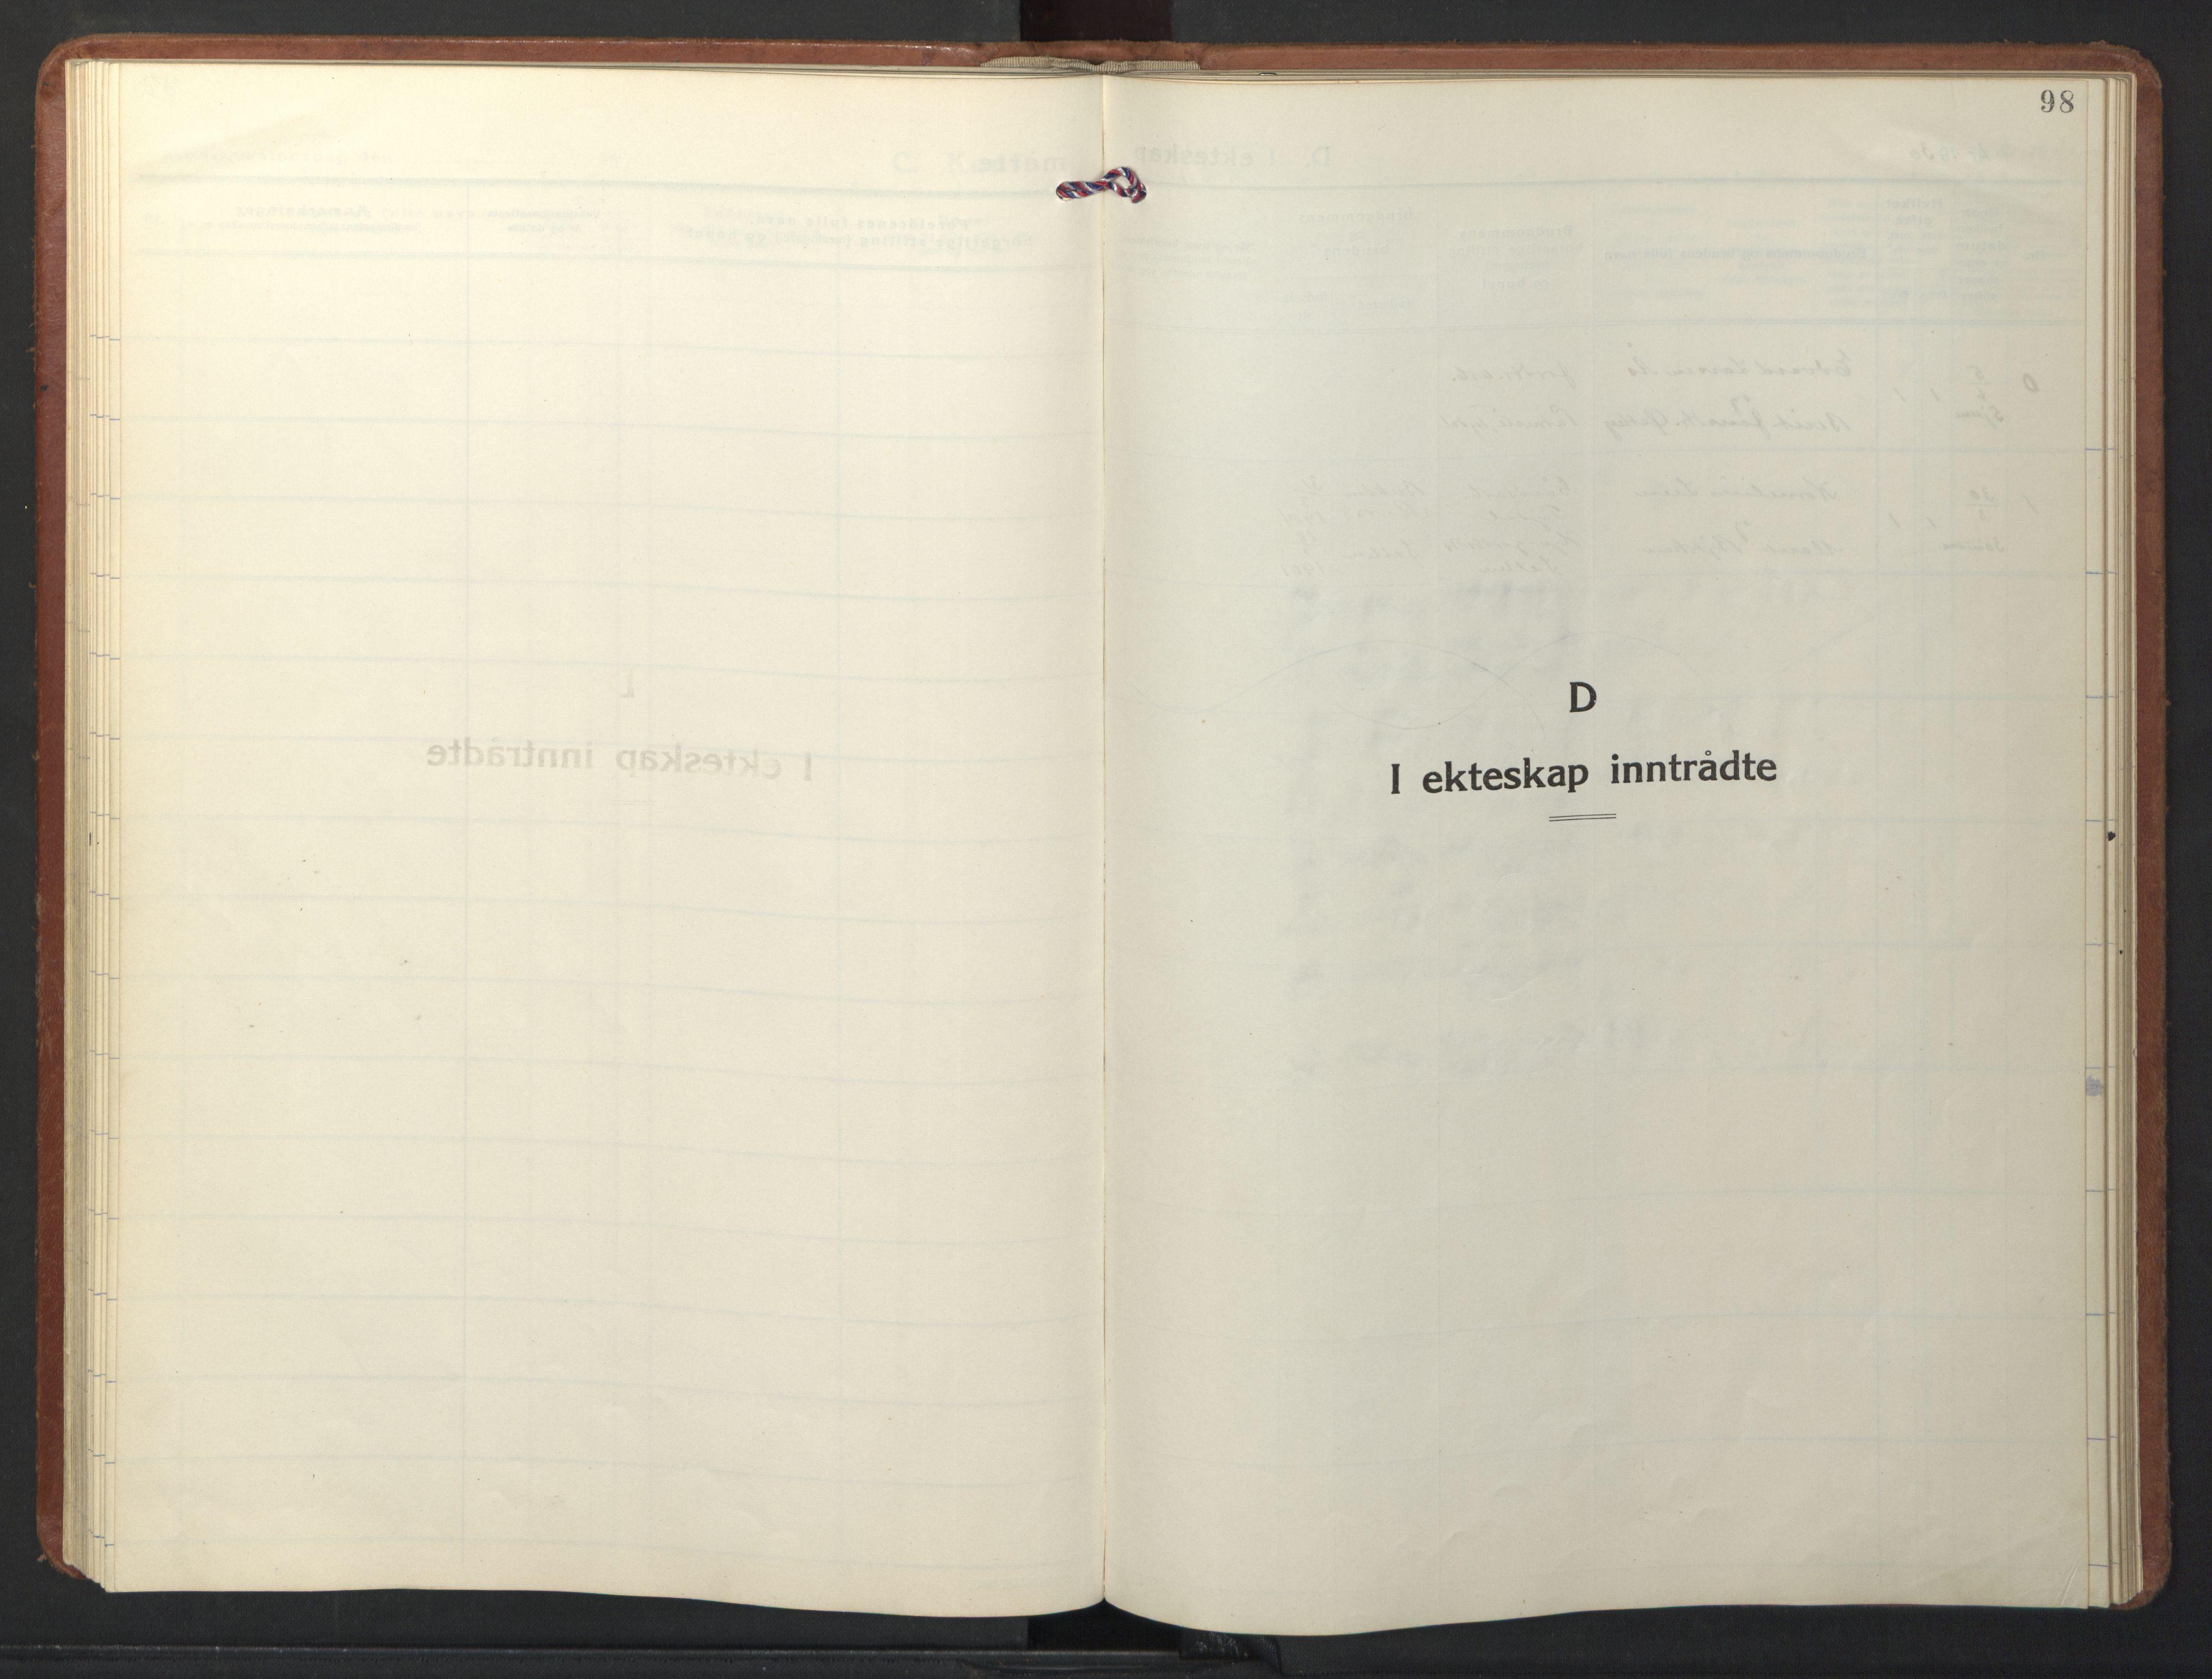 SAT, Ministerialprotokoller, klokkerbøker og fødselsregistre - Sør-Trøndelag, 698/L1169: Klokkerbok nr. 698C06, 1930-1949, s. 98